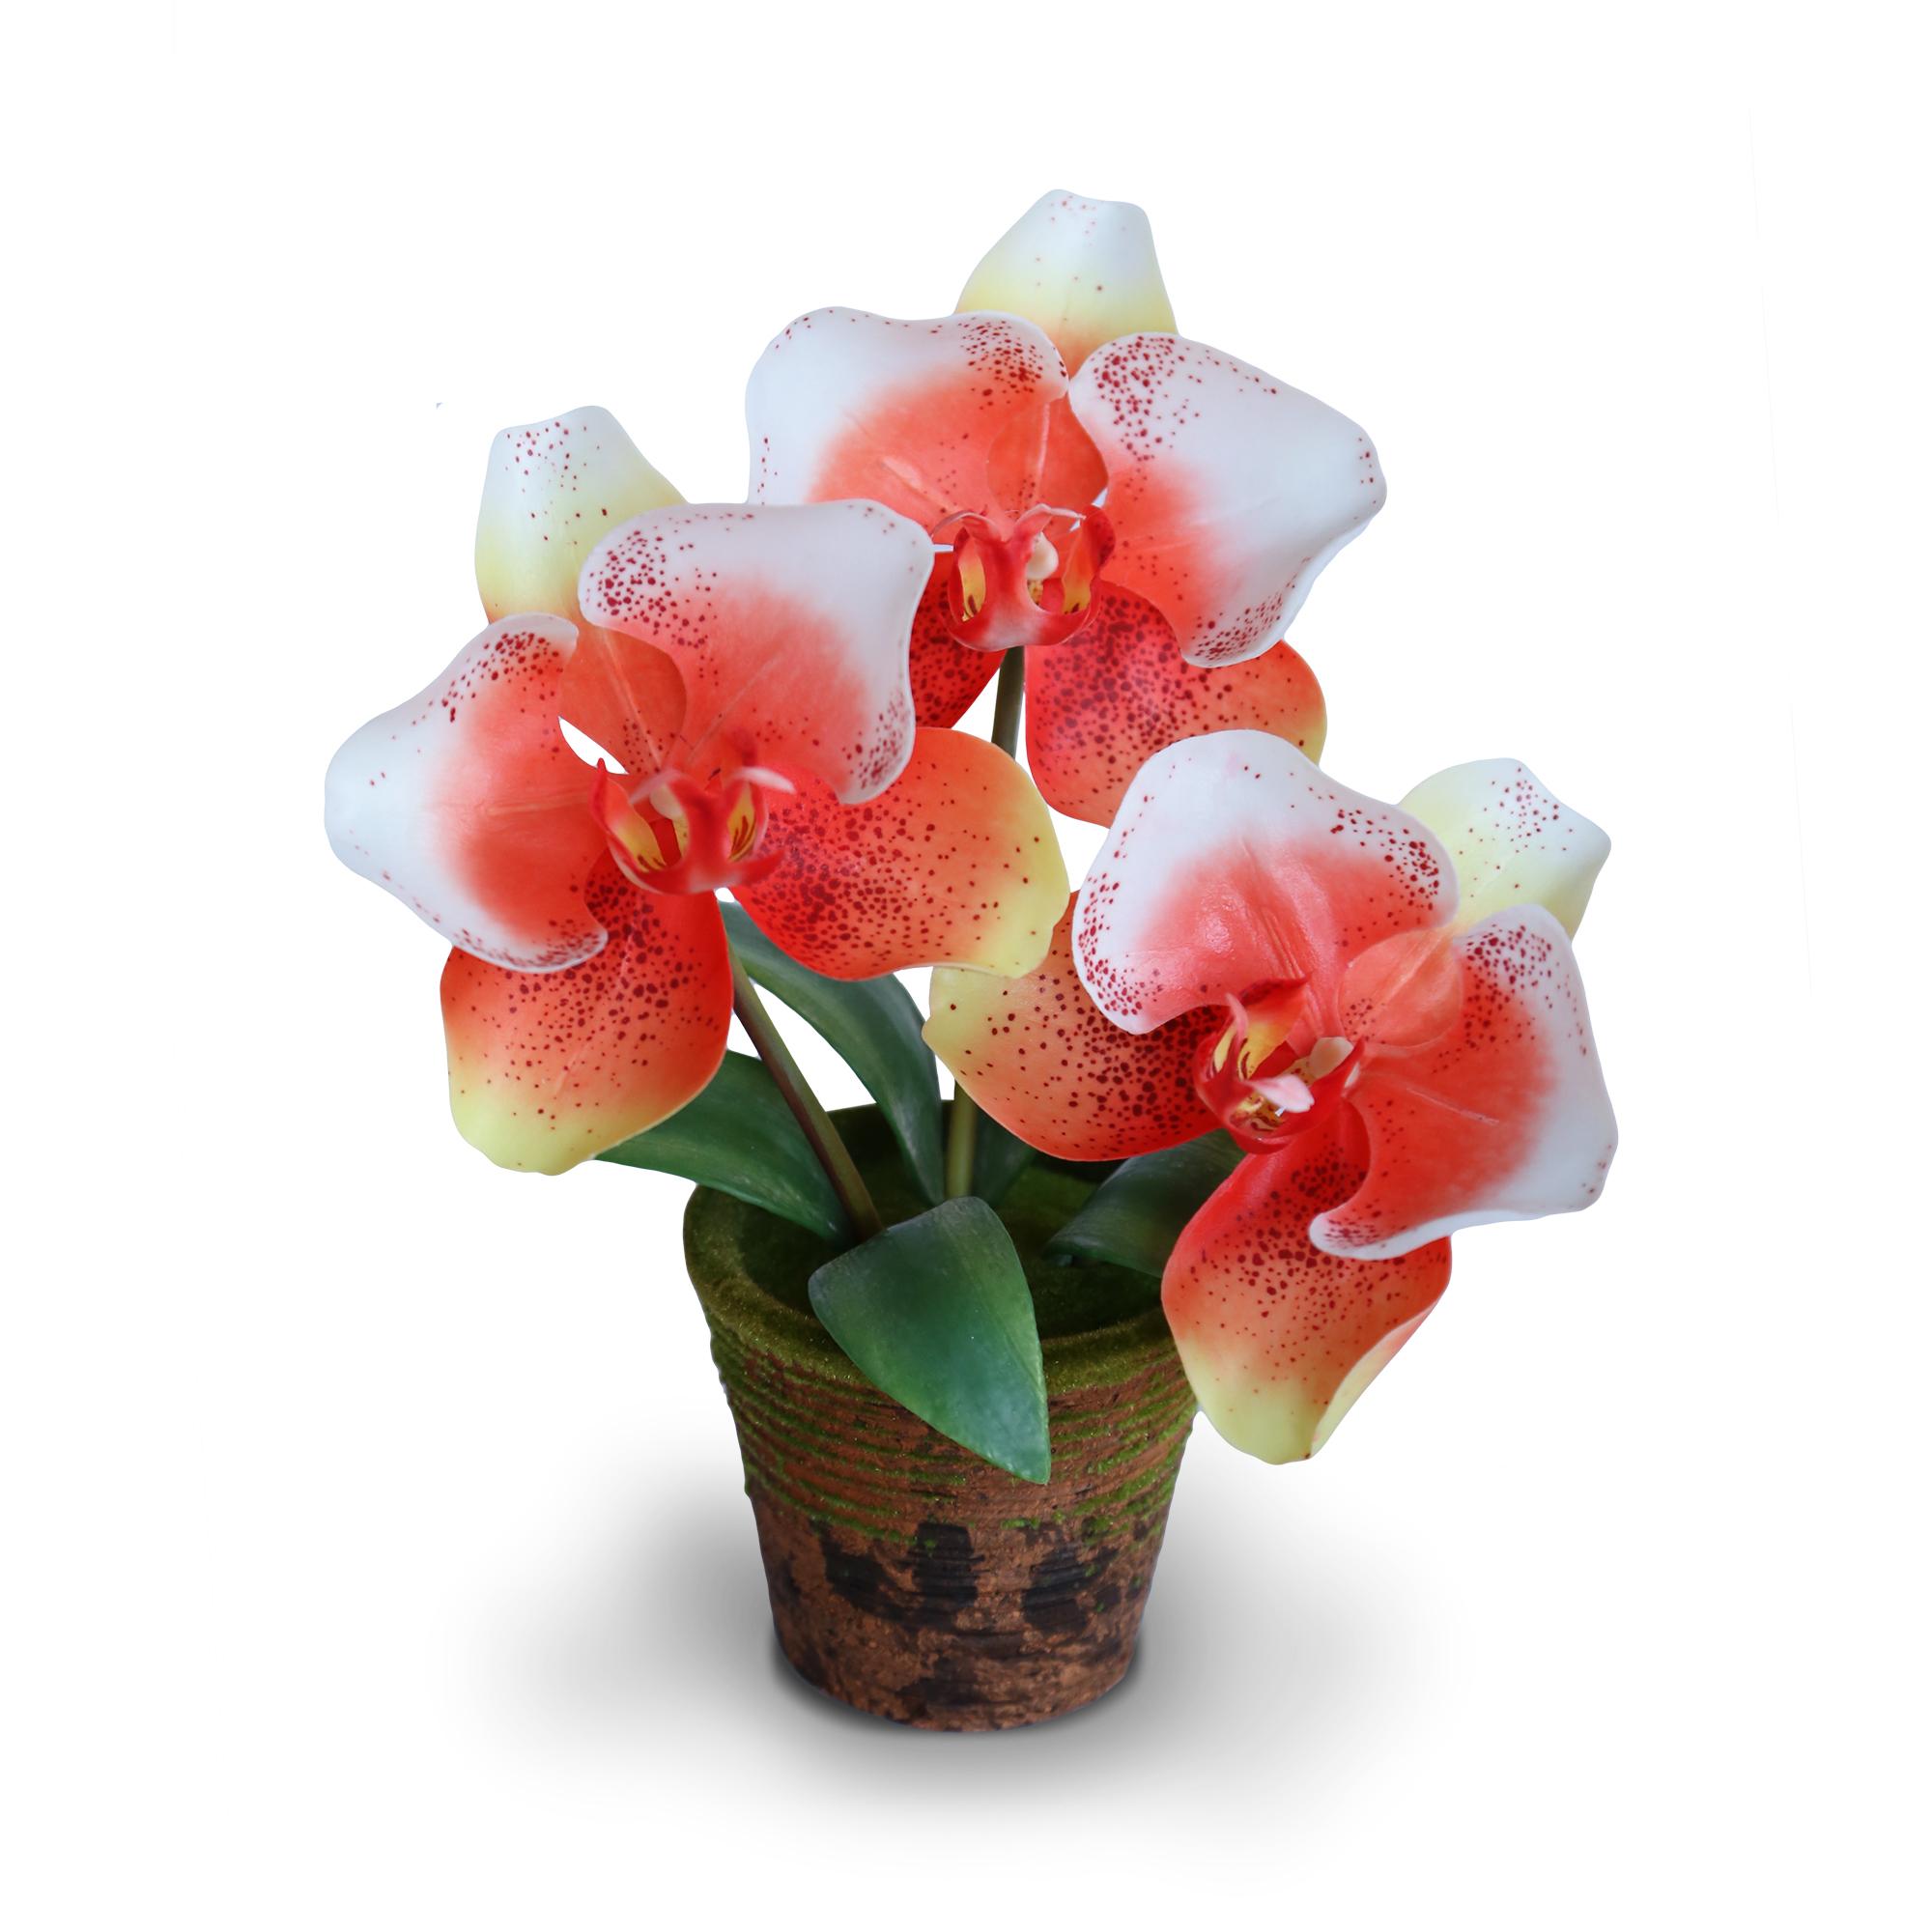 HDTAR170002 Phalaenopsis3 OR จำหน่ายแจกันดอกไม้ประดิษฐ์ฟาแลนนอปซิส สีส้ม ขนาดย่อมสไตล์ธรรมชาติรีสอร์ท เหมาะสำหรับตกแต่งโต๊ะ หรือมุมต่างๆให้ดูสวยงาม